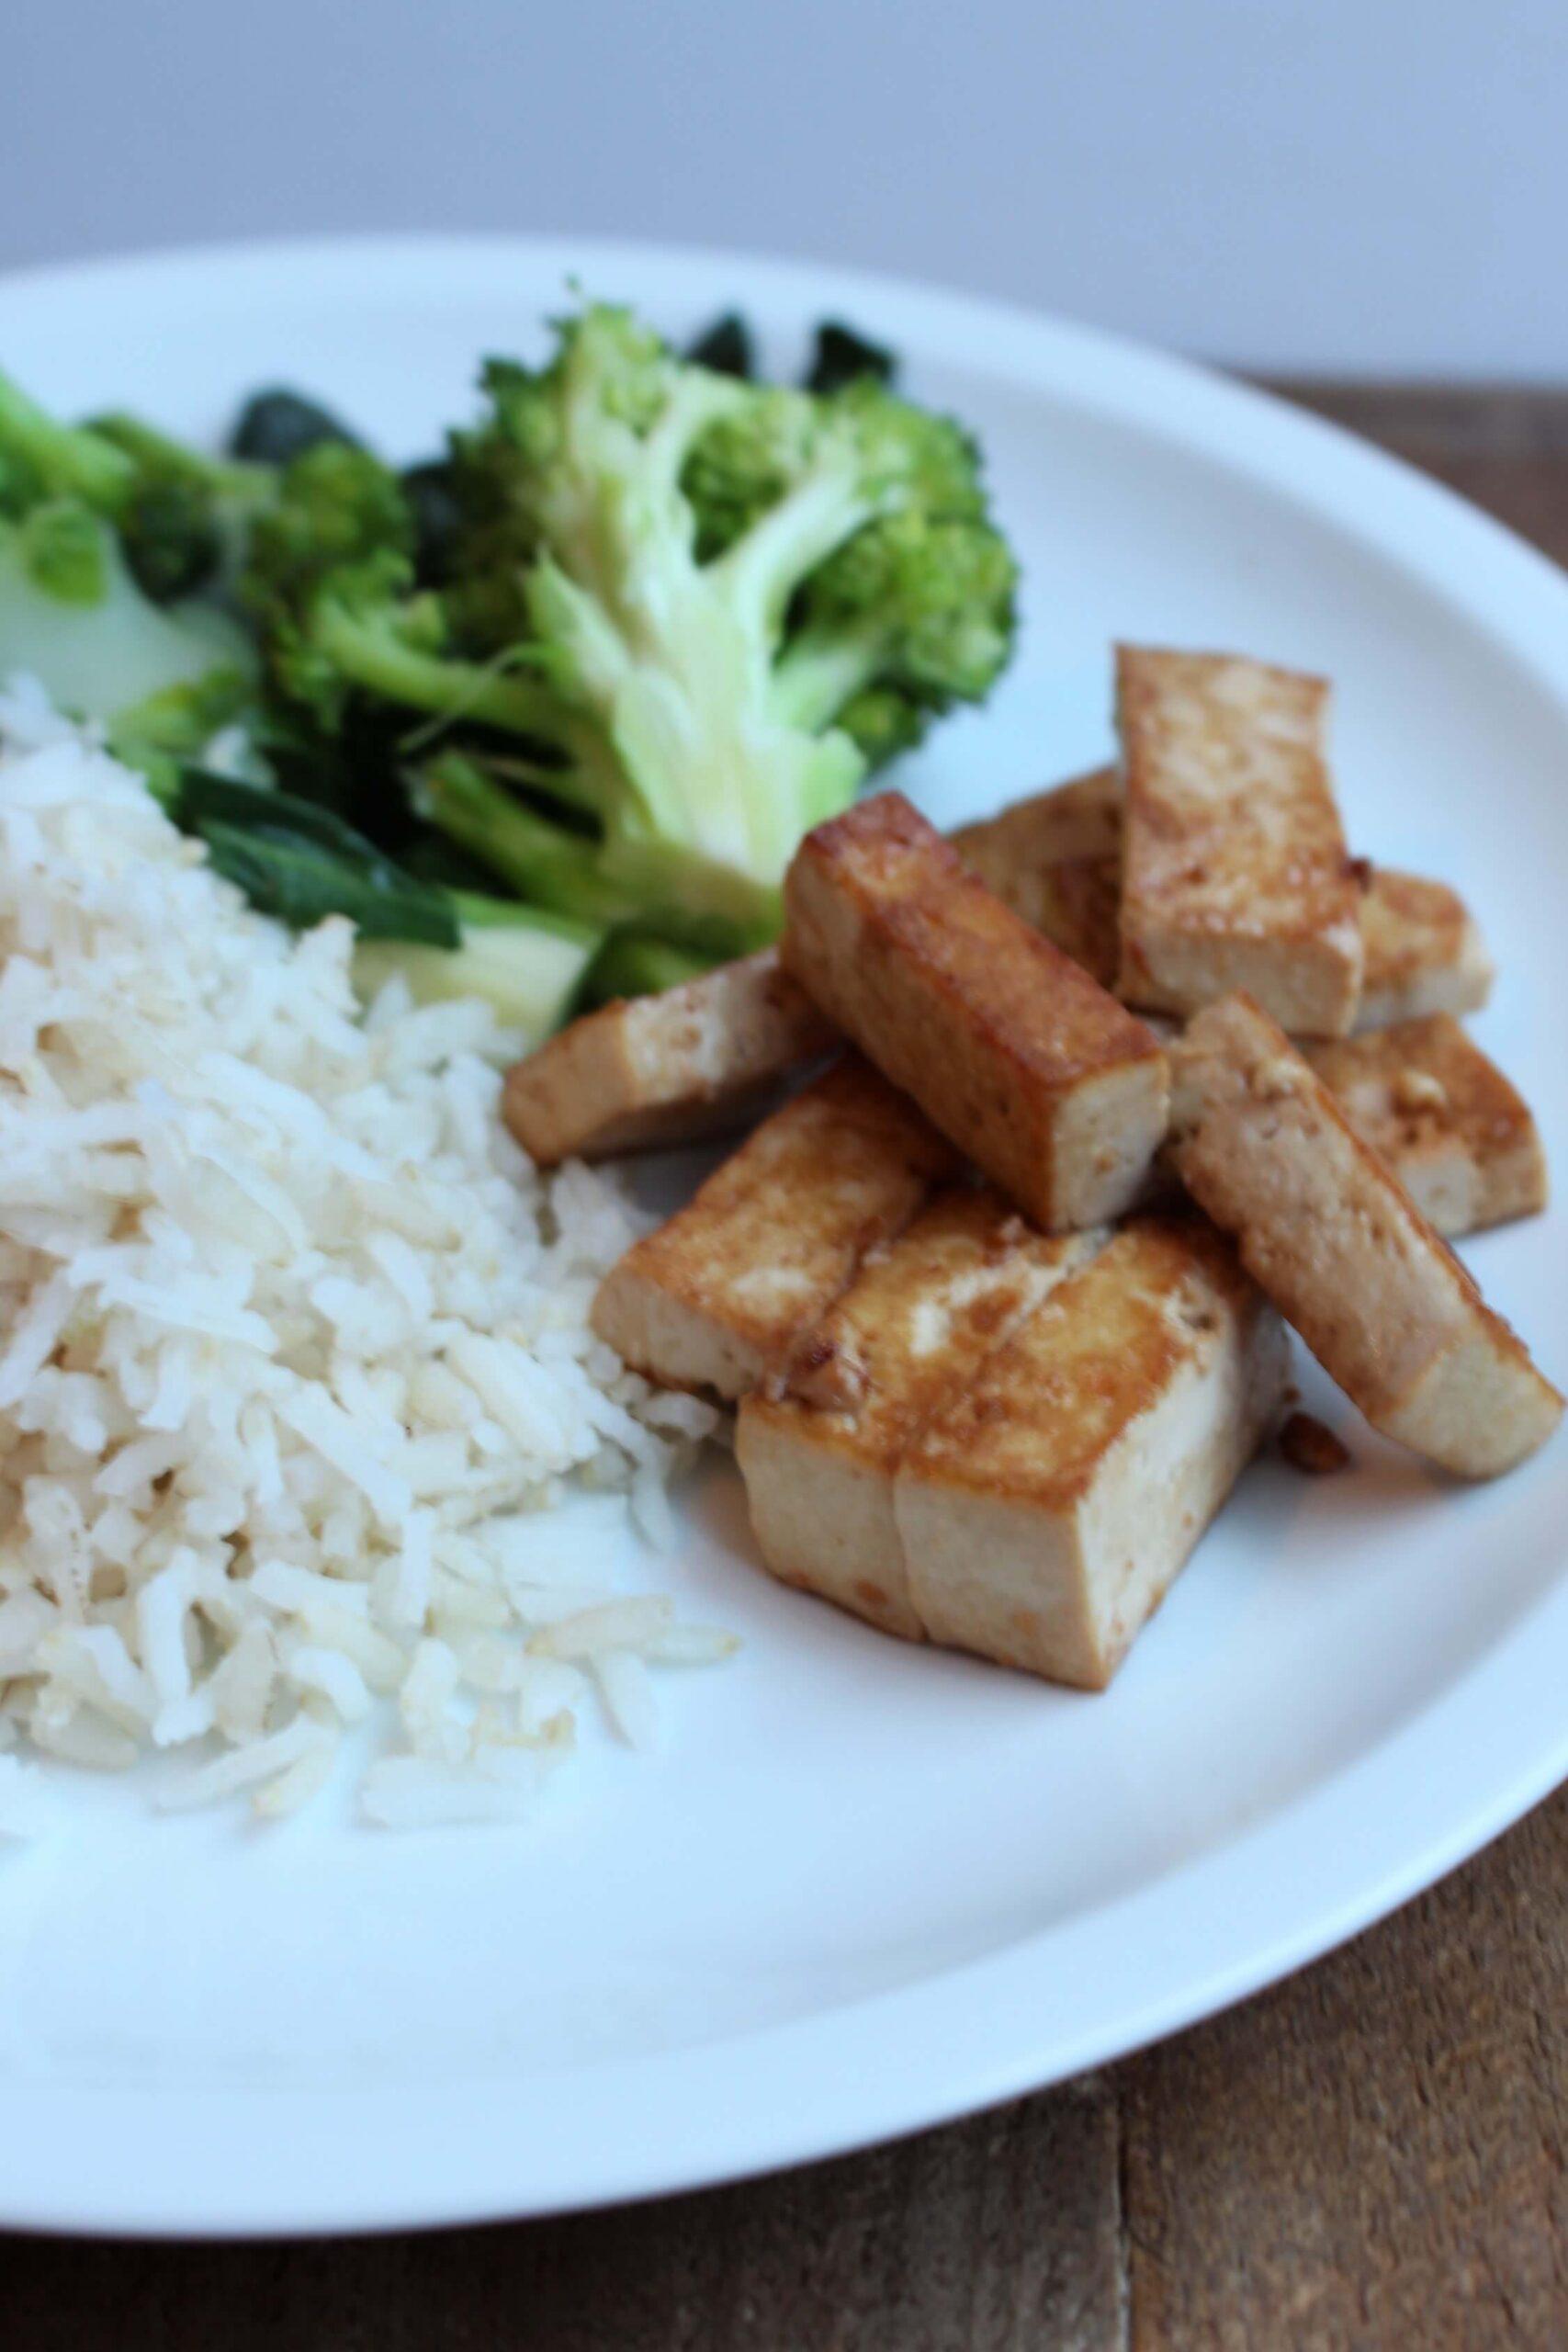 Gebakken tofureepjes met broccoli en paksoi